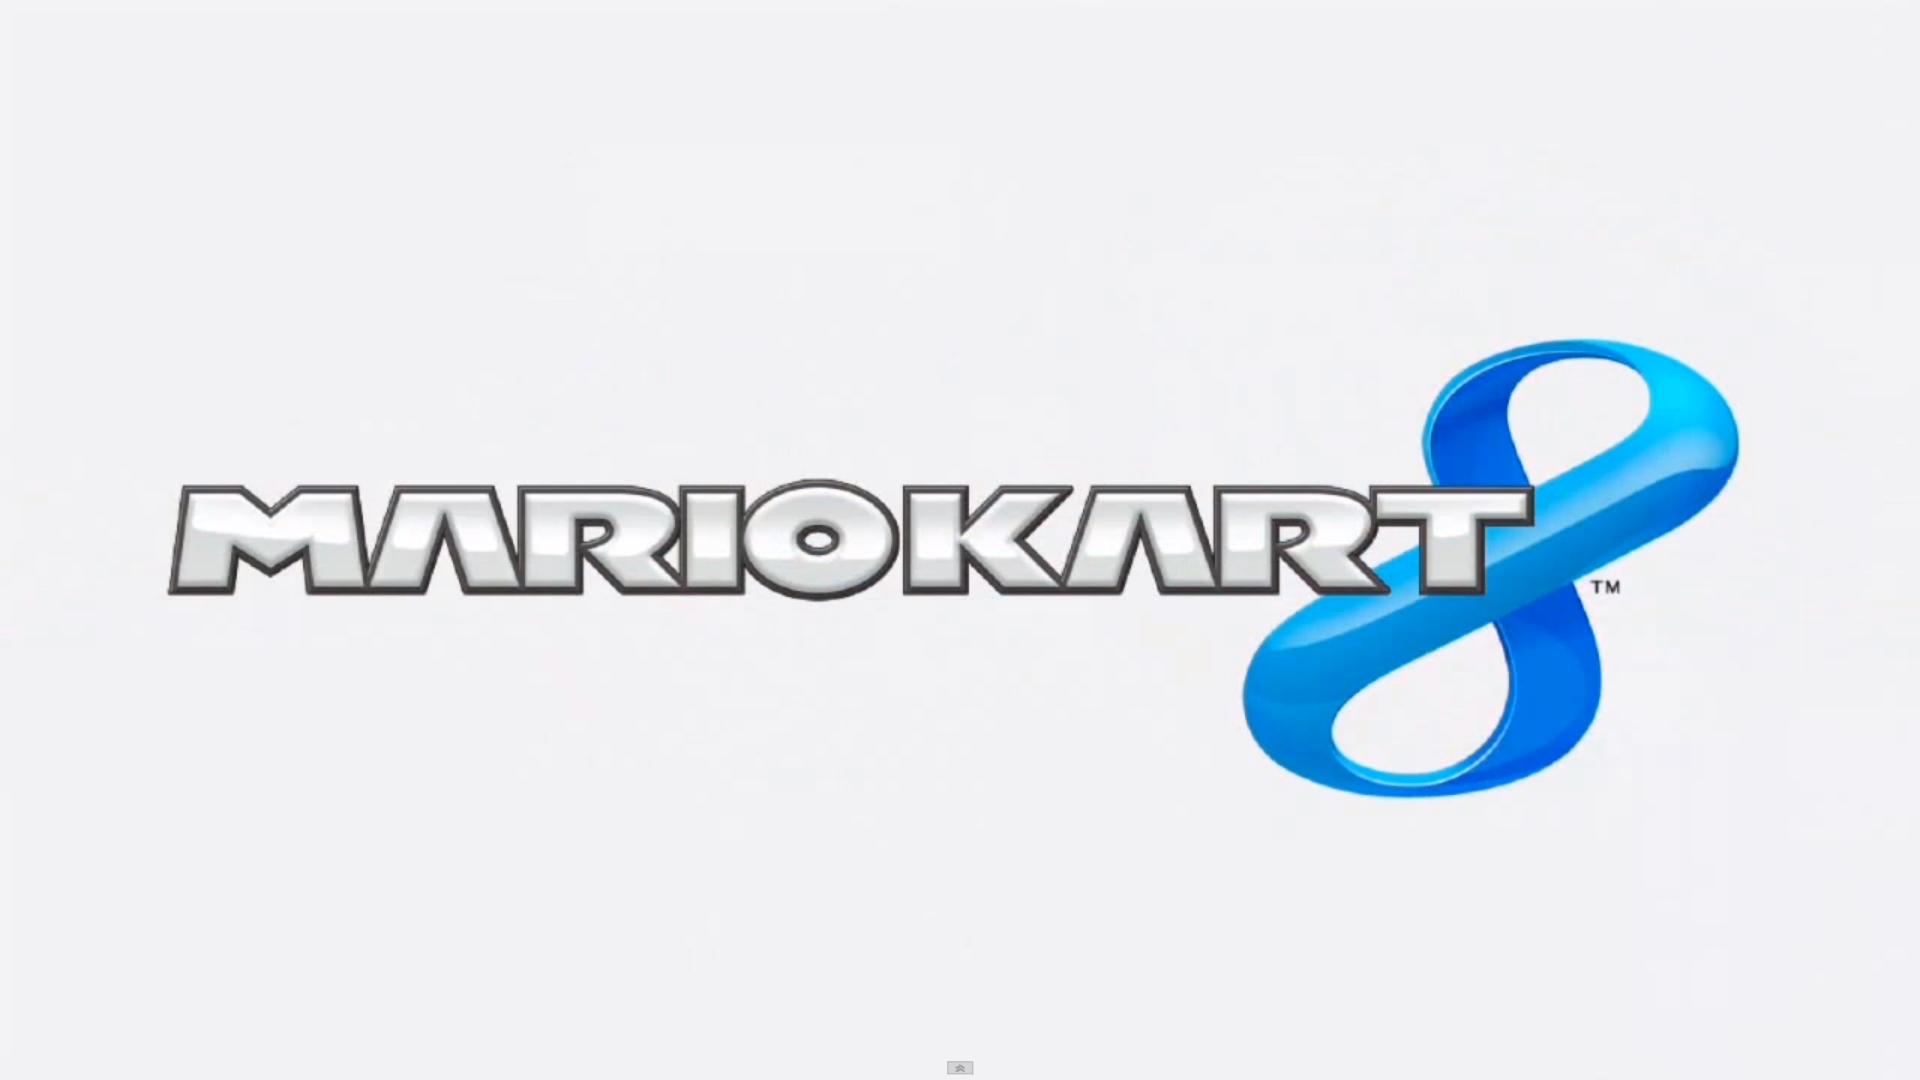 Incredible Mario Kart 8 Bundles Announced For European Nintendo Fans